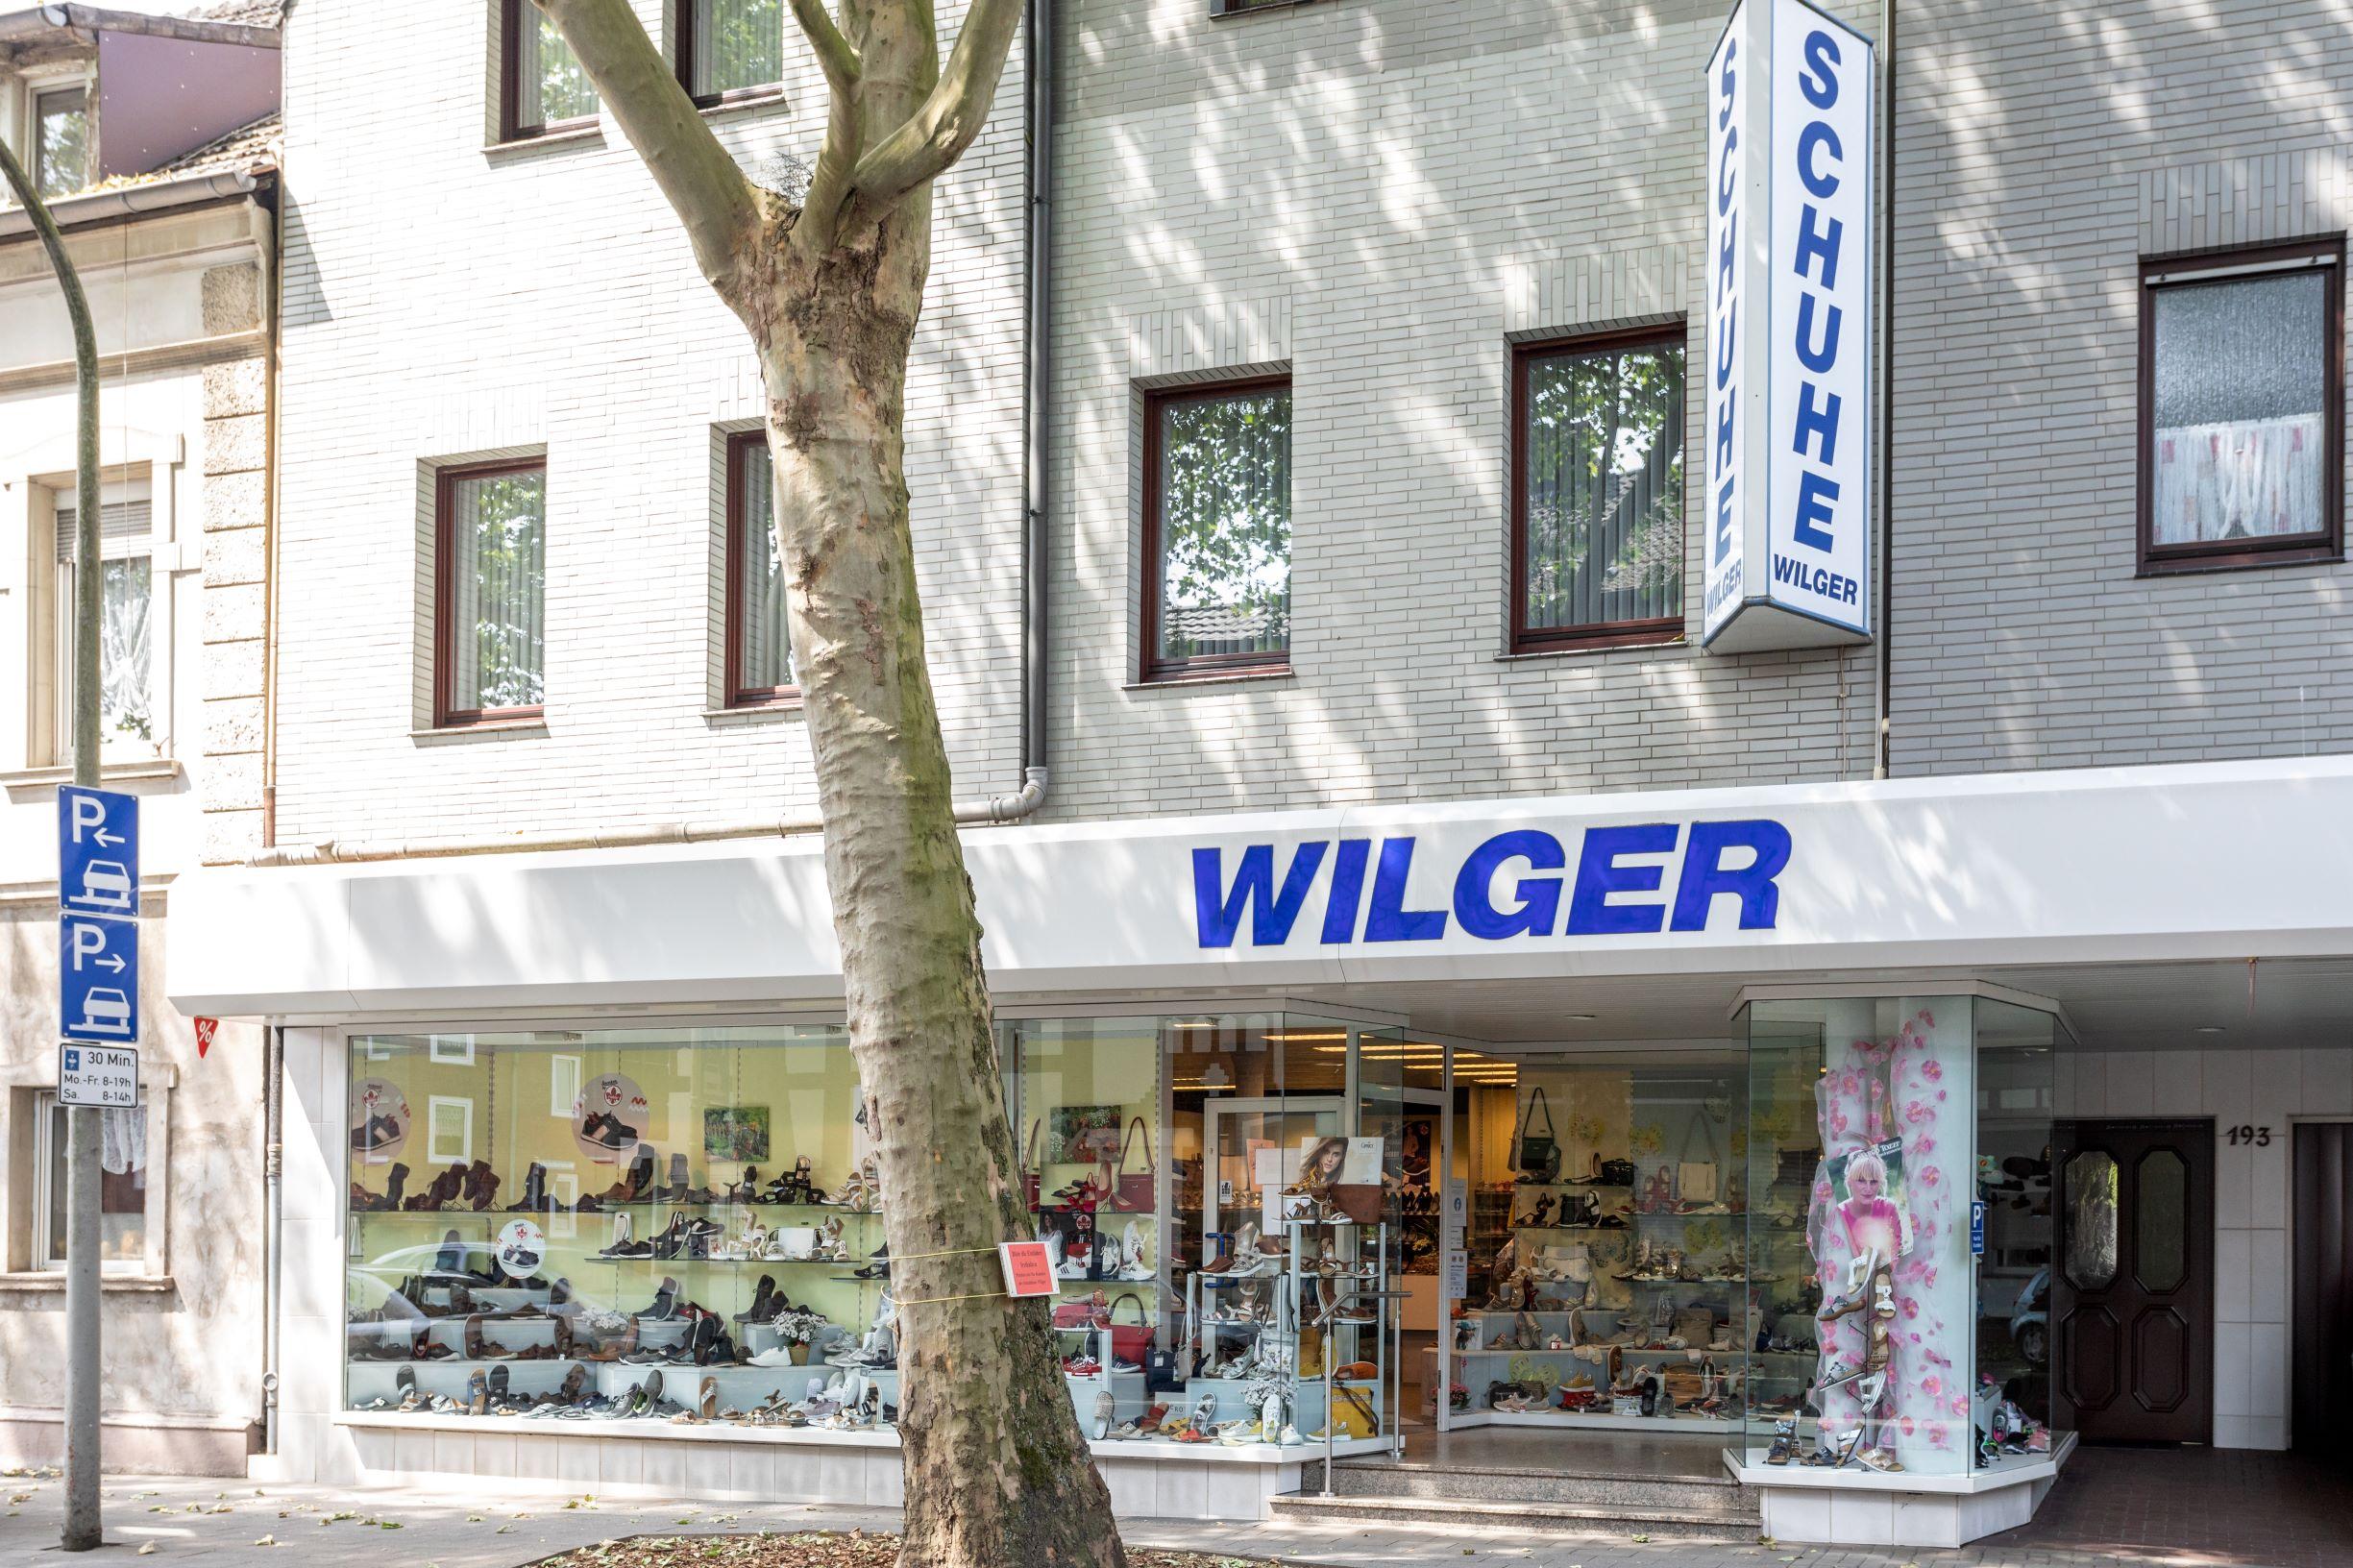 Schuhhaus Wilger Oberhausen, Bergstr. 193 in Oberhausen